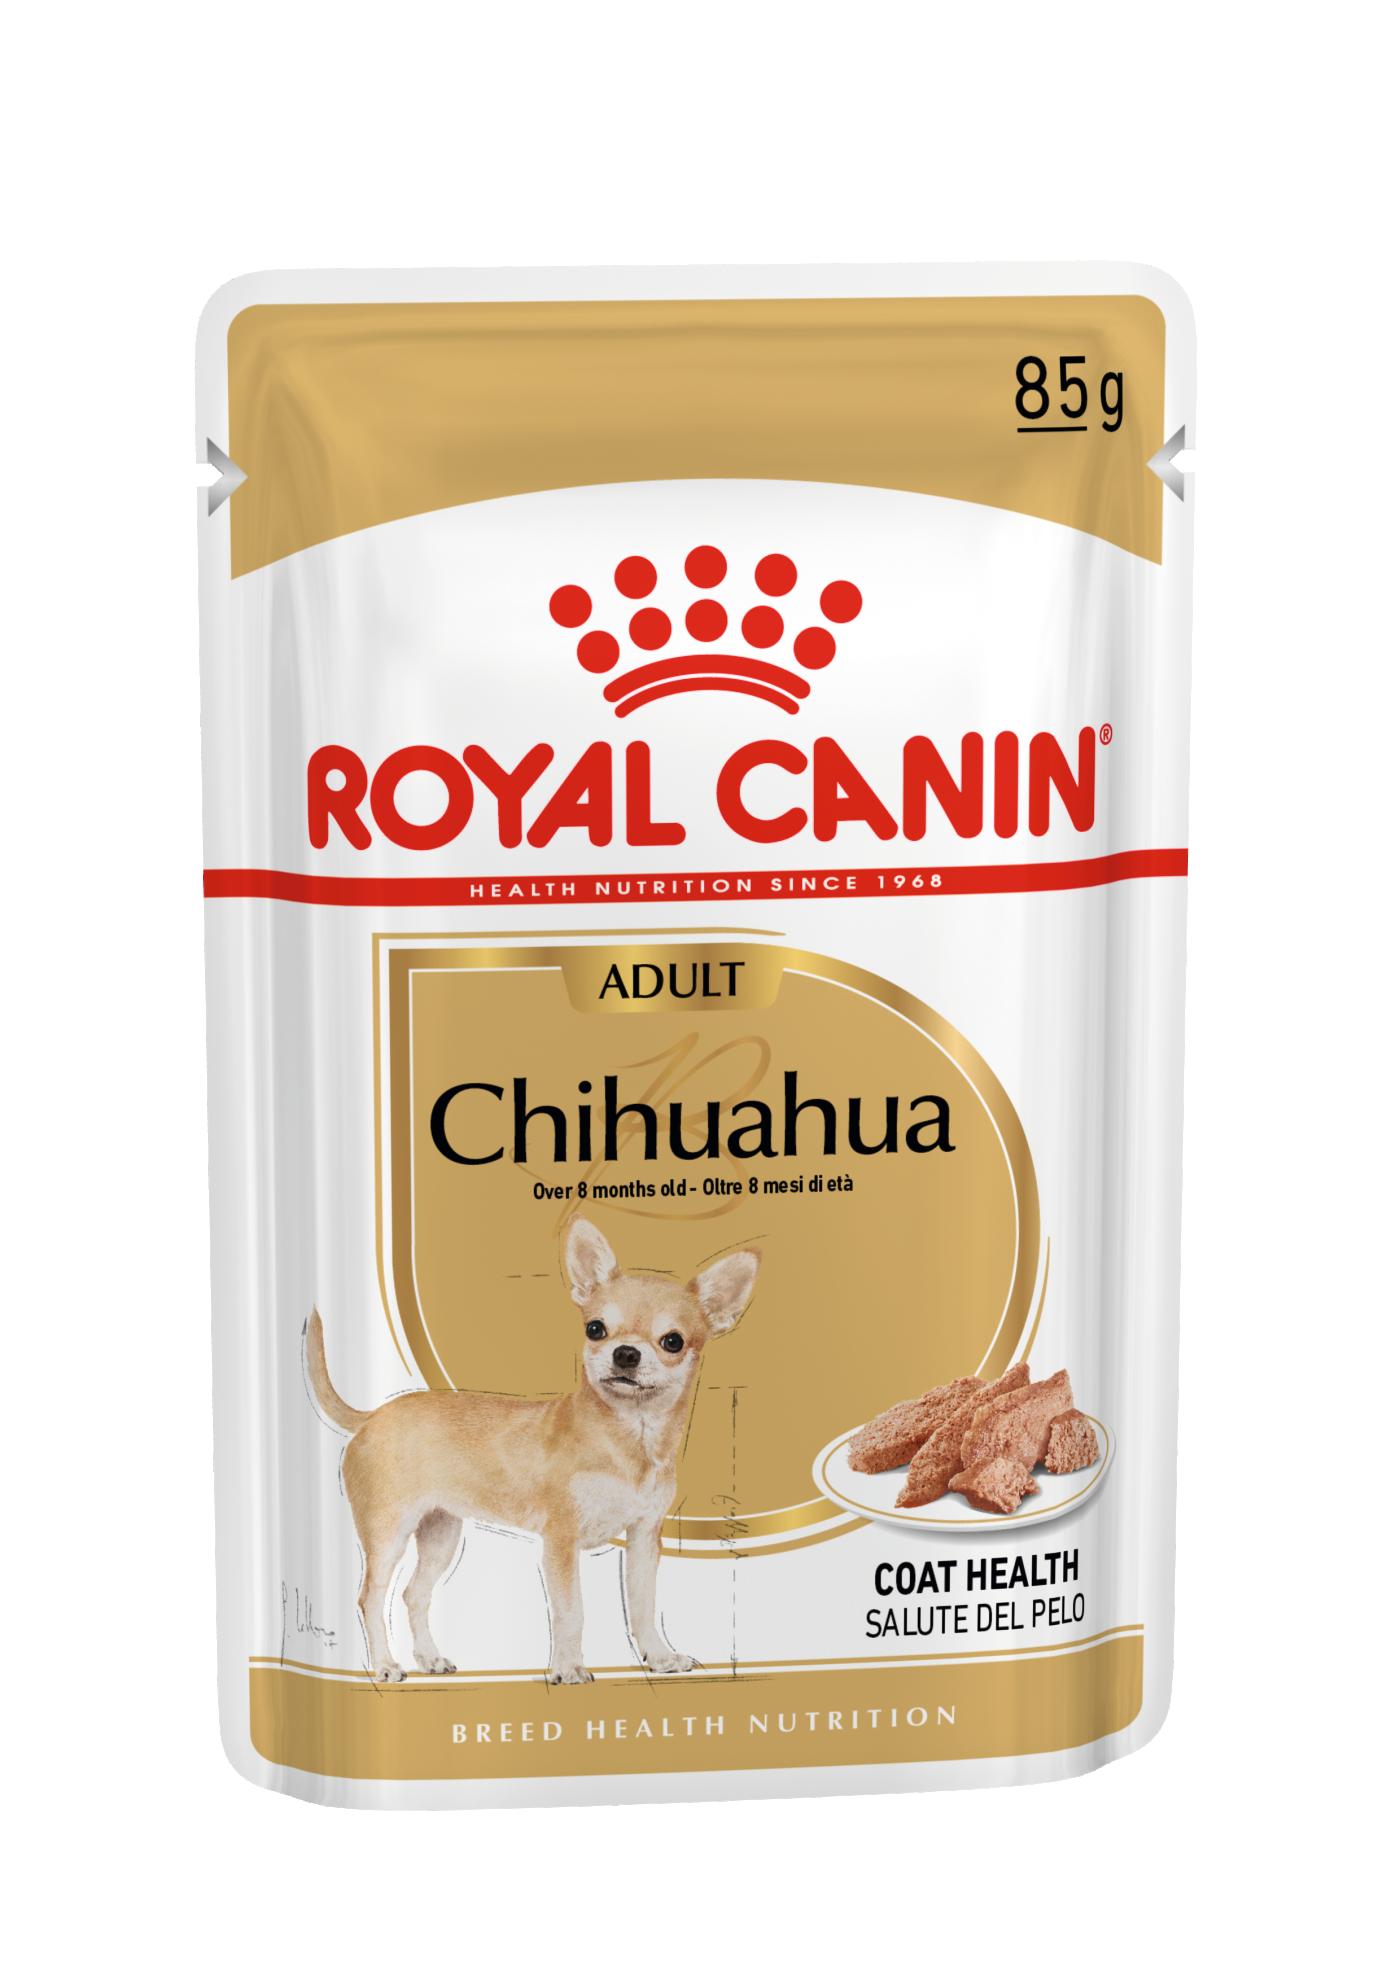 Chihuahua, 85g